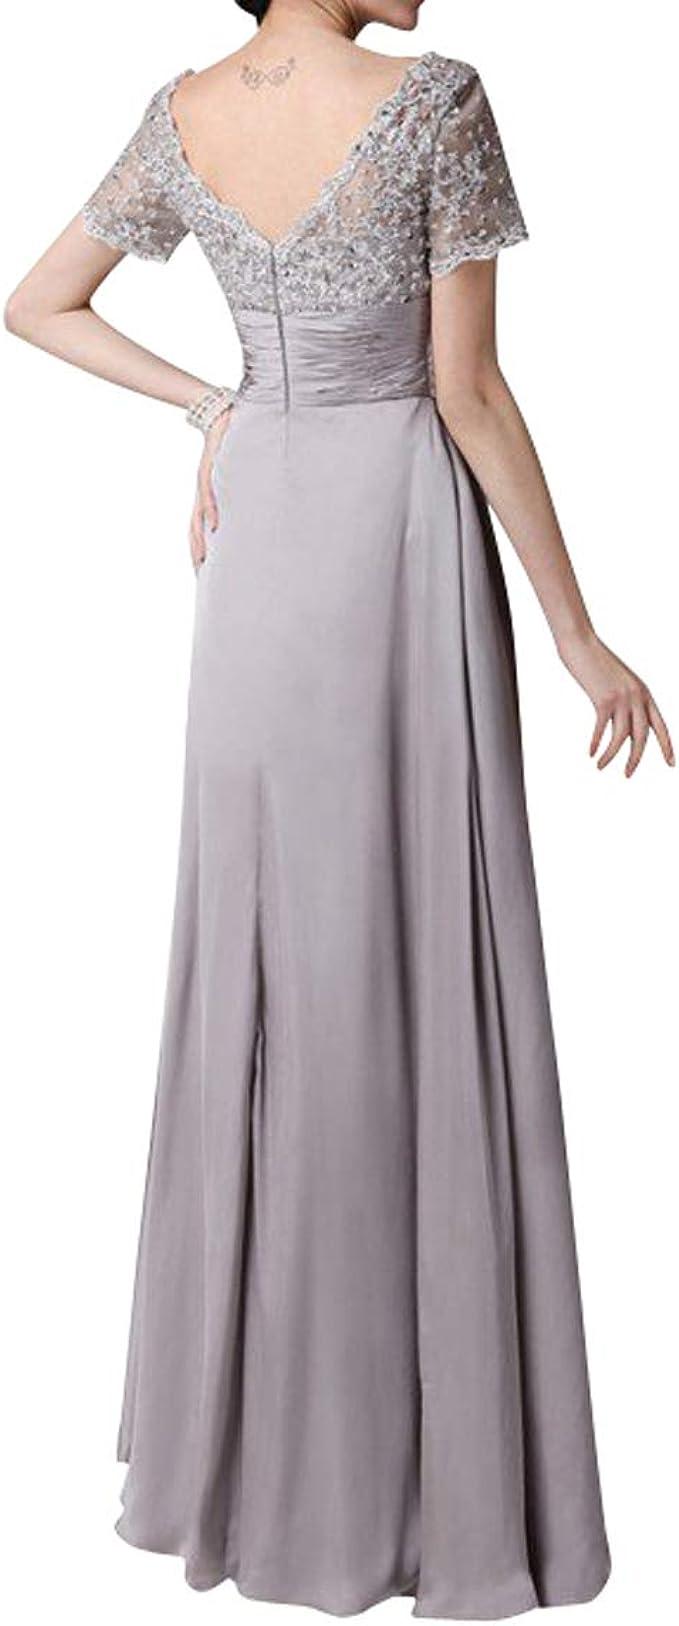 Royaldress Damen glamoure Kurzarm silberhochzeit Kleider Festliche